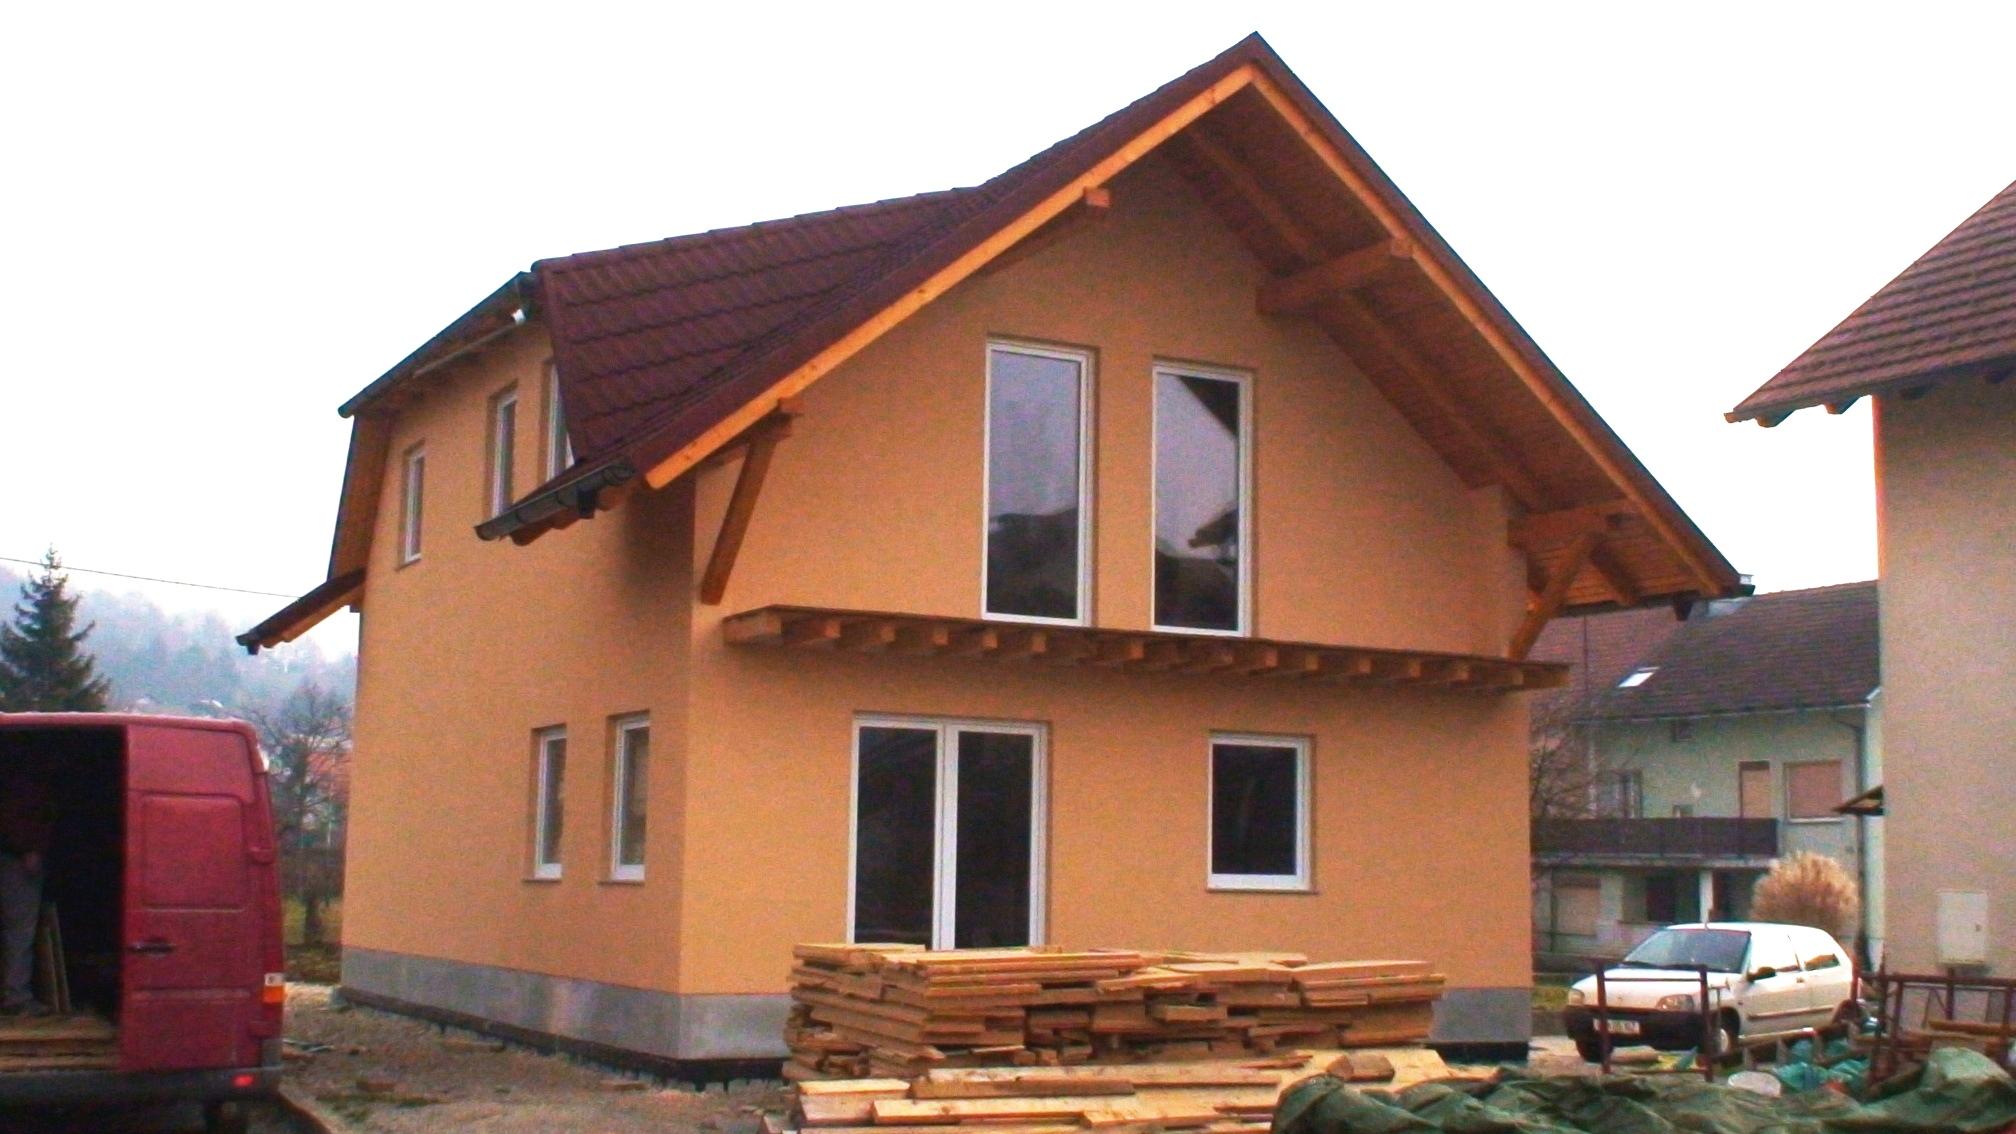 Izvedba temeljne armiranobetonske plošče za tri litersko nizkoenergetsko hišo